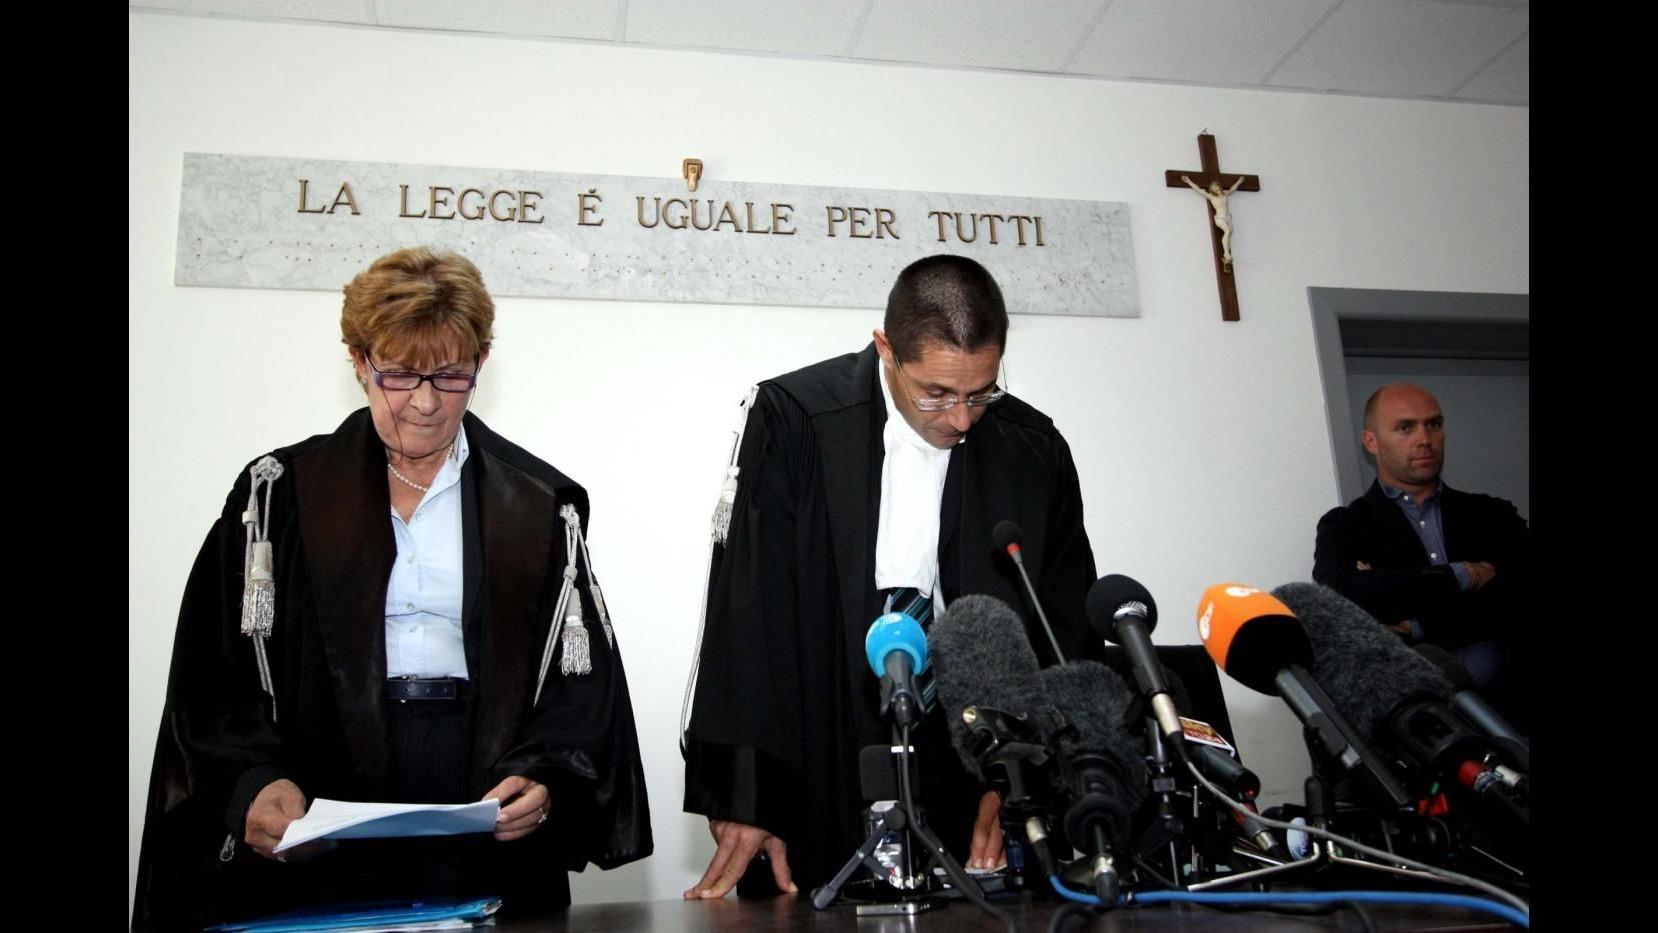 Sisma L'Aquila, madre vittima: Condanna De Bernardinis non fa giustizia